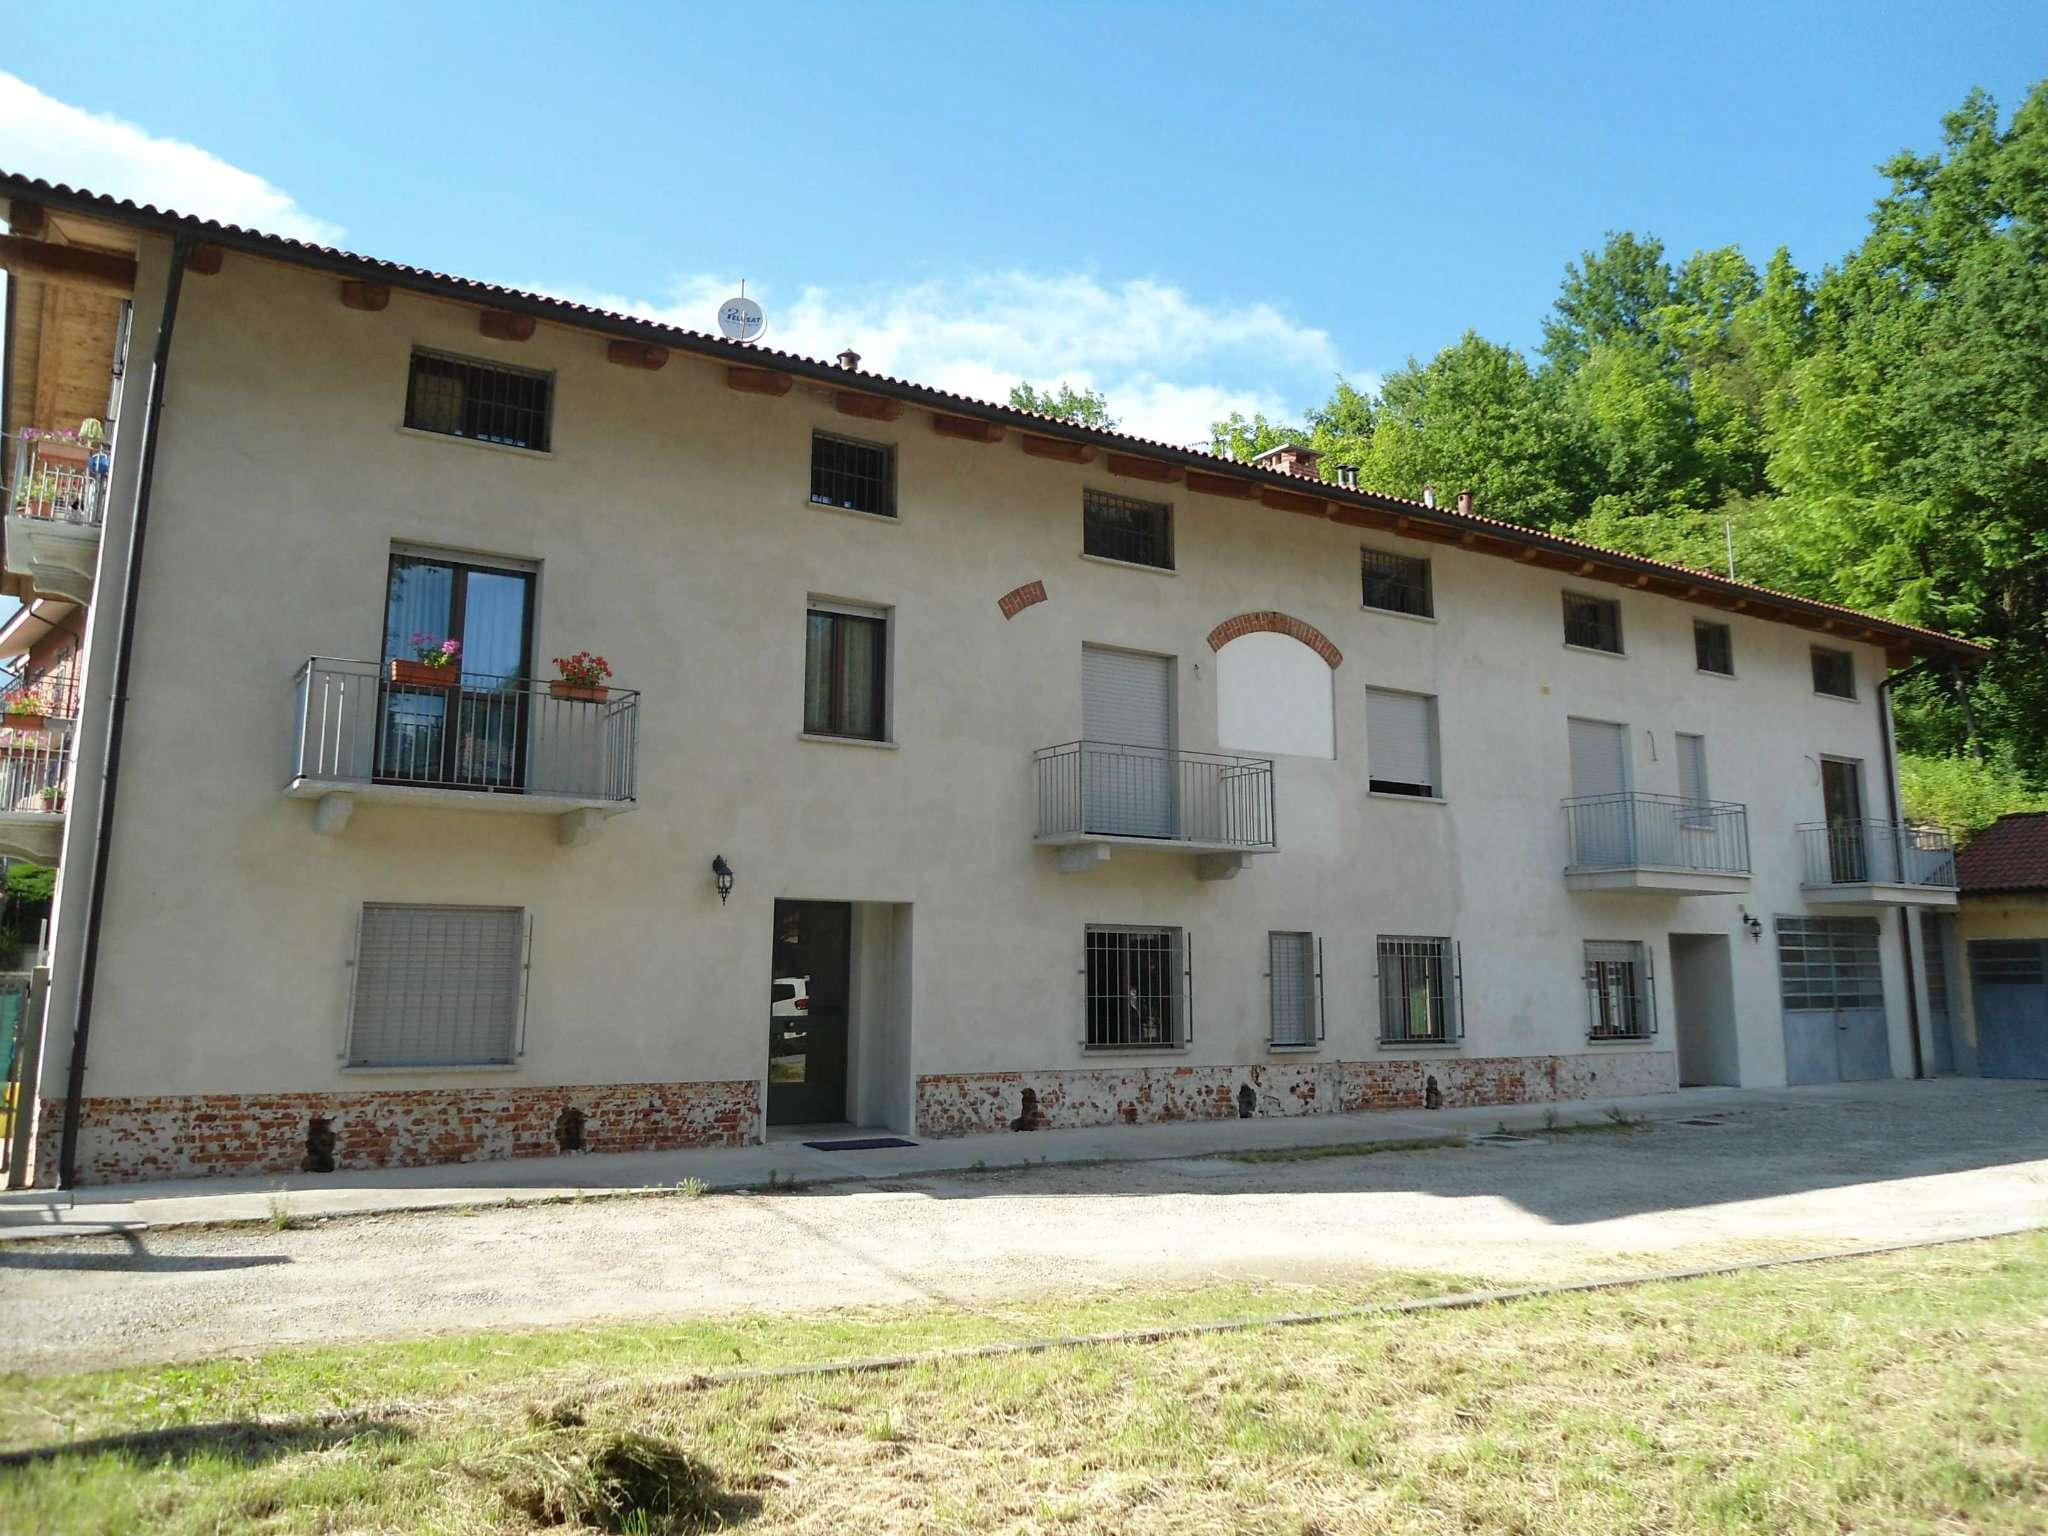 Appartamento in vendita a Ferrere, 3 locali, prezzo € 50.000 | Cambio Casa.it